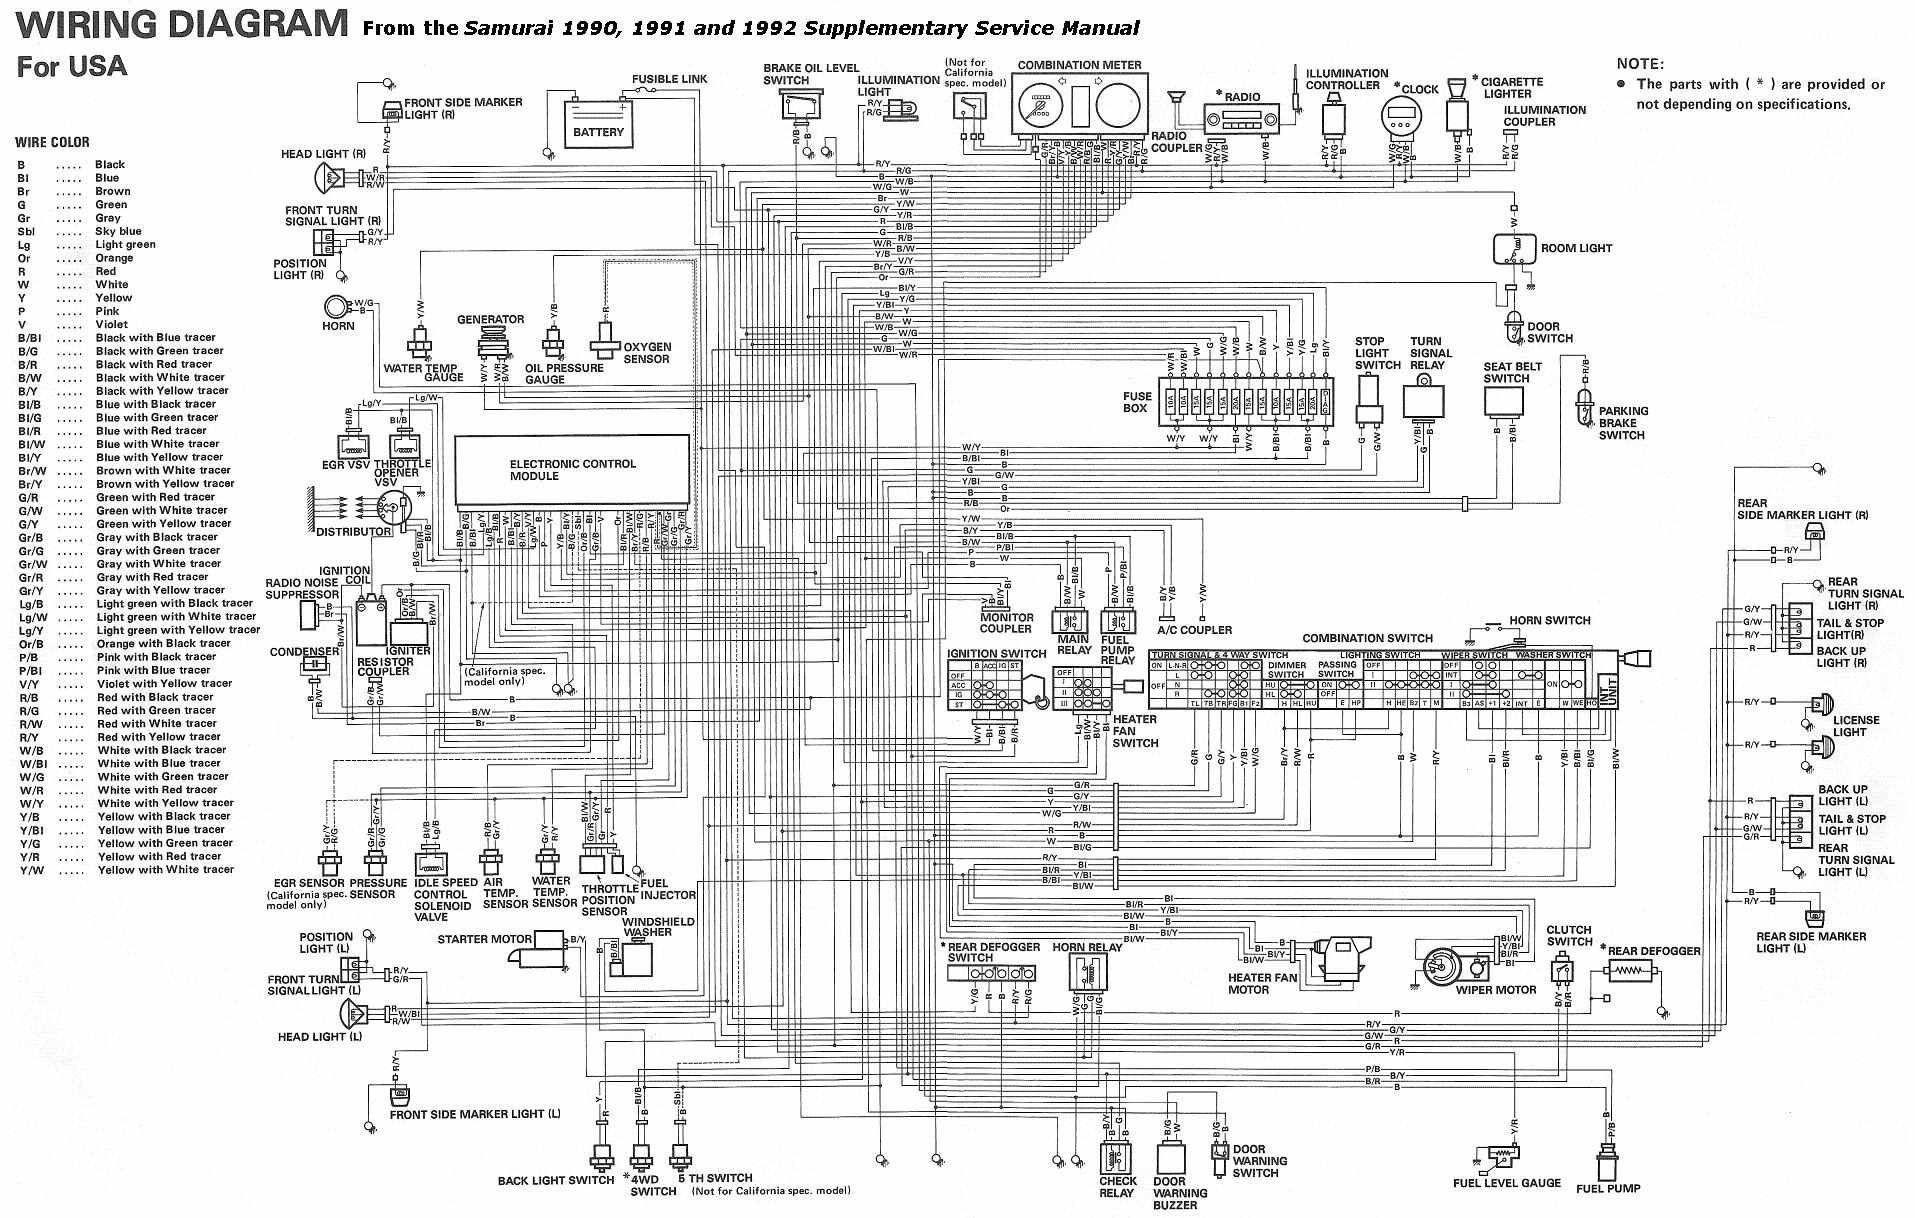 hight resolution of suzuki x90 wiring diagram wiring schematic diagram 194suzuki x90 wiring diagram wiring schematic diagram 40 shanwu